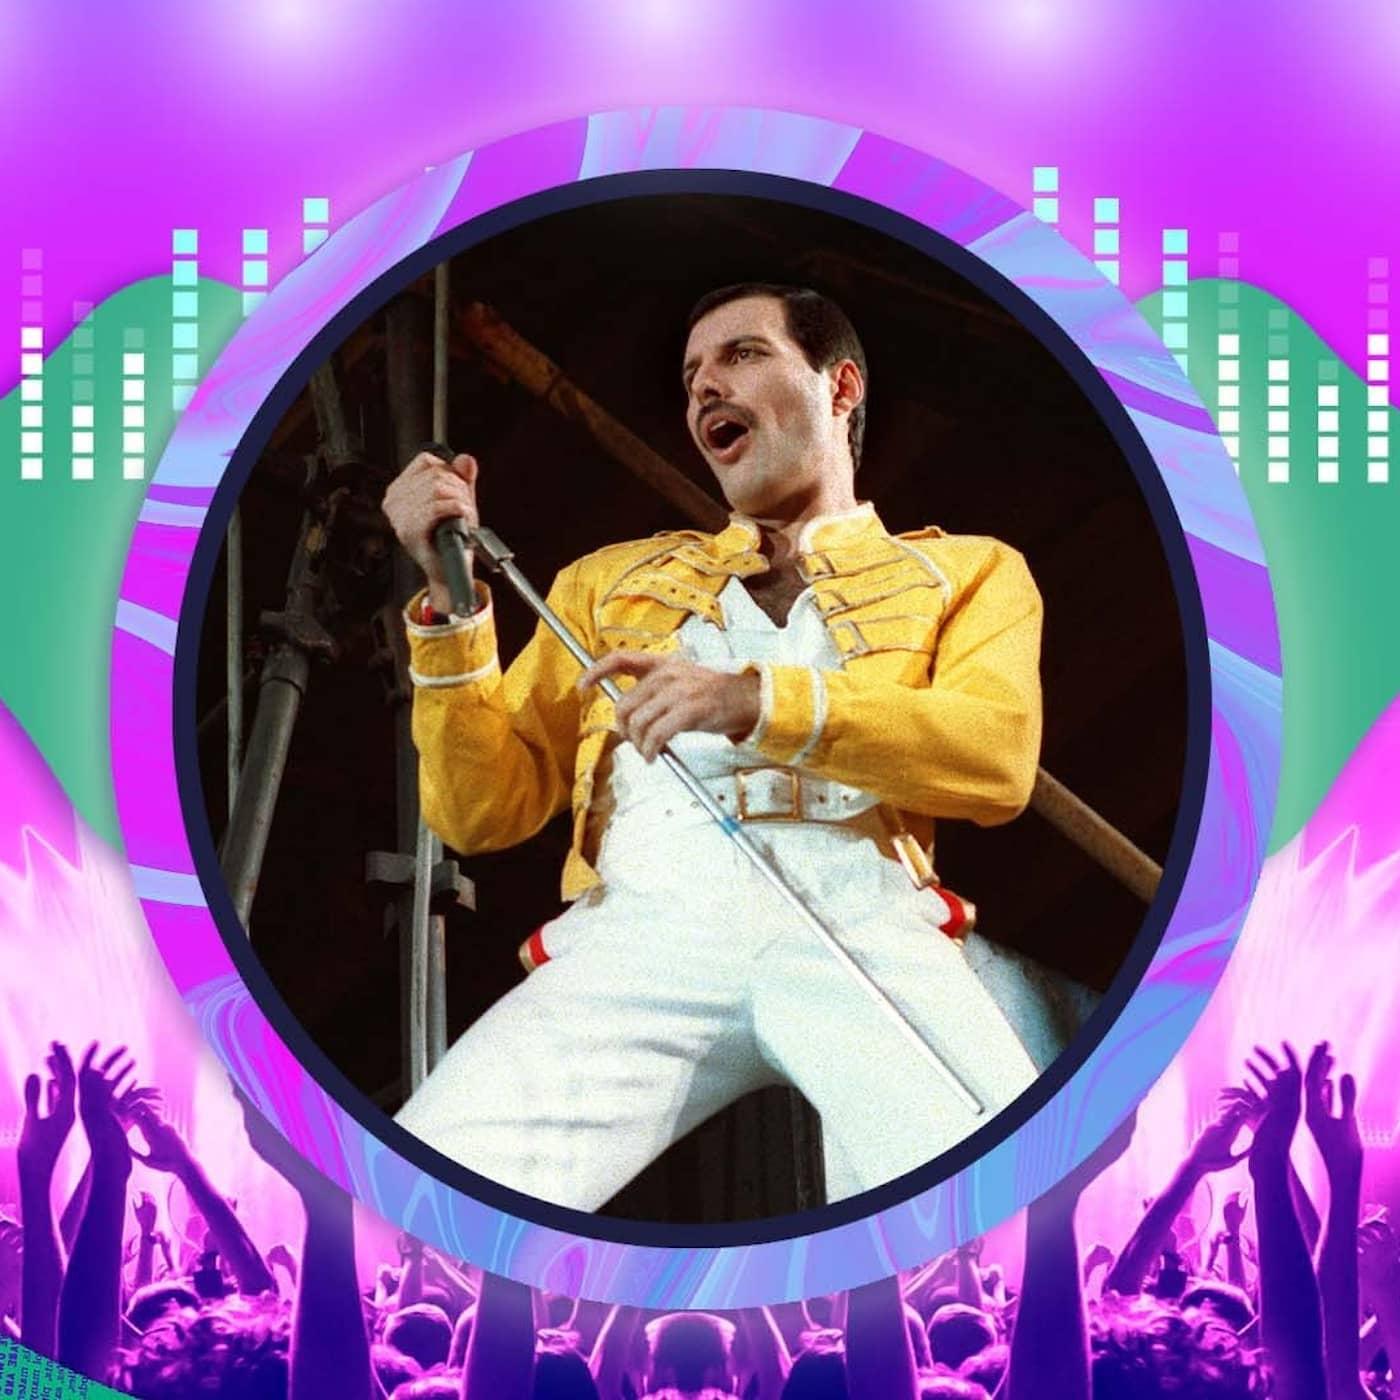 Freddie Mercury - mannen, musiken, myten